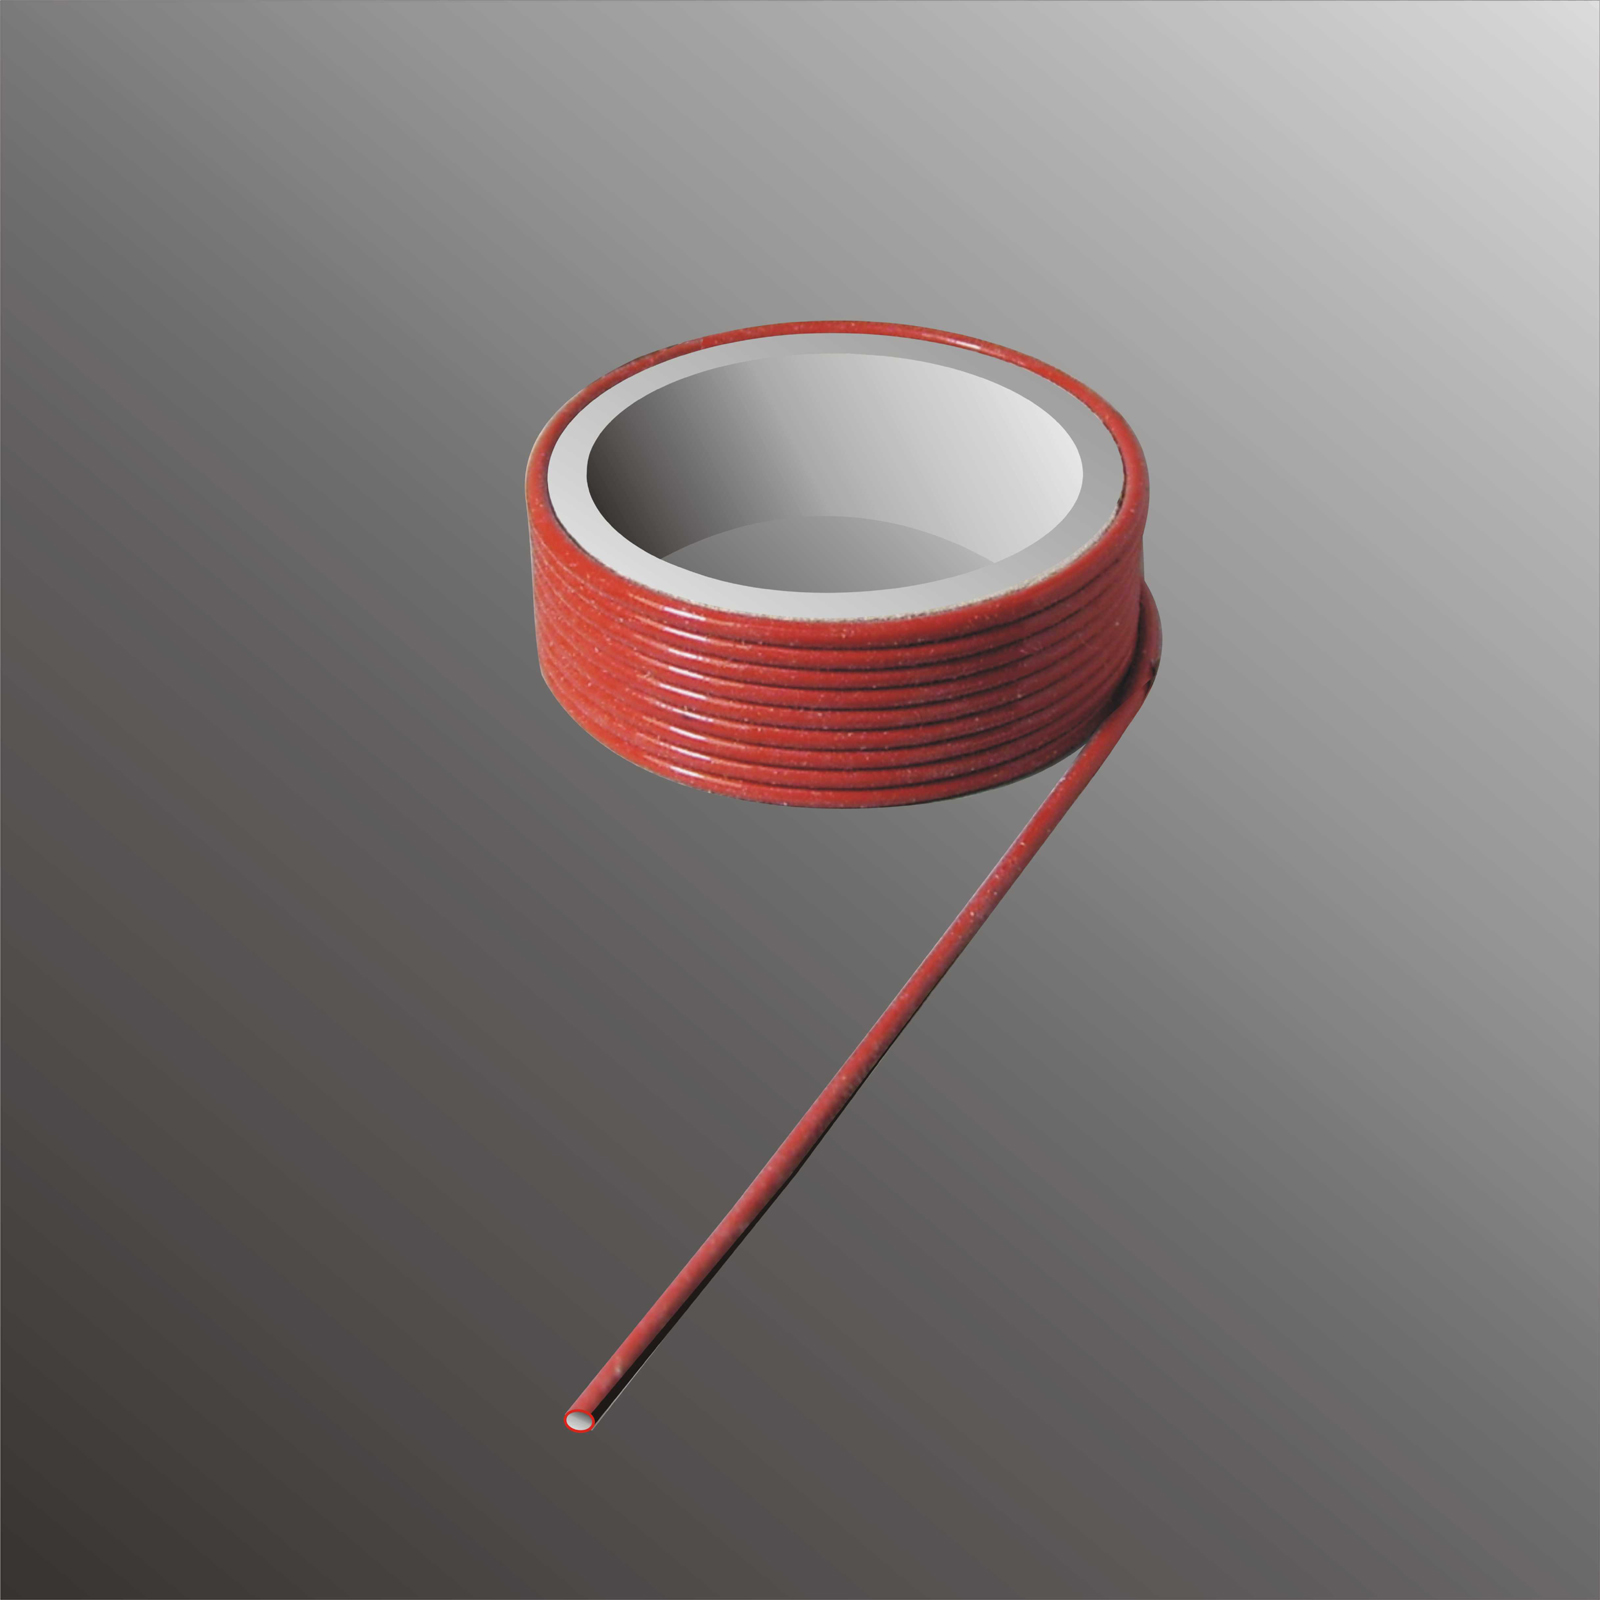 glasfaser schlauch silikonschlauch silikon gewebeschlauch. Black Bedroom Furniture Sets. Home Design Ideas